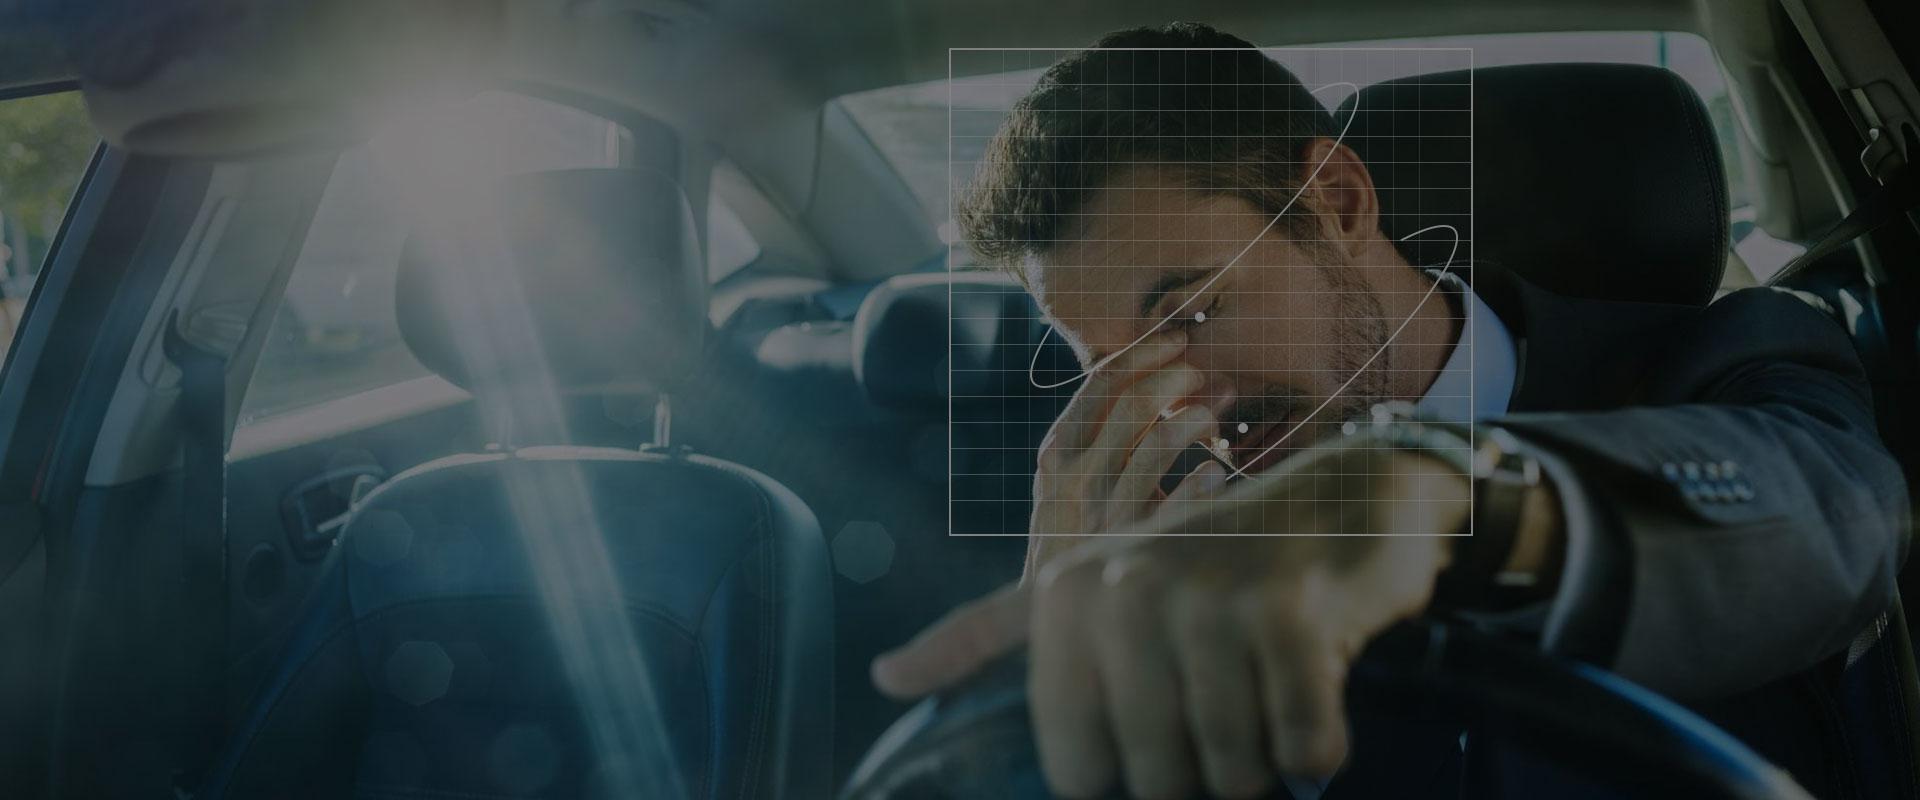 Sorax ADAS araç kaza önleme sistemleri